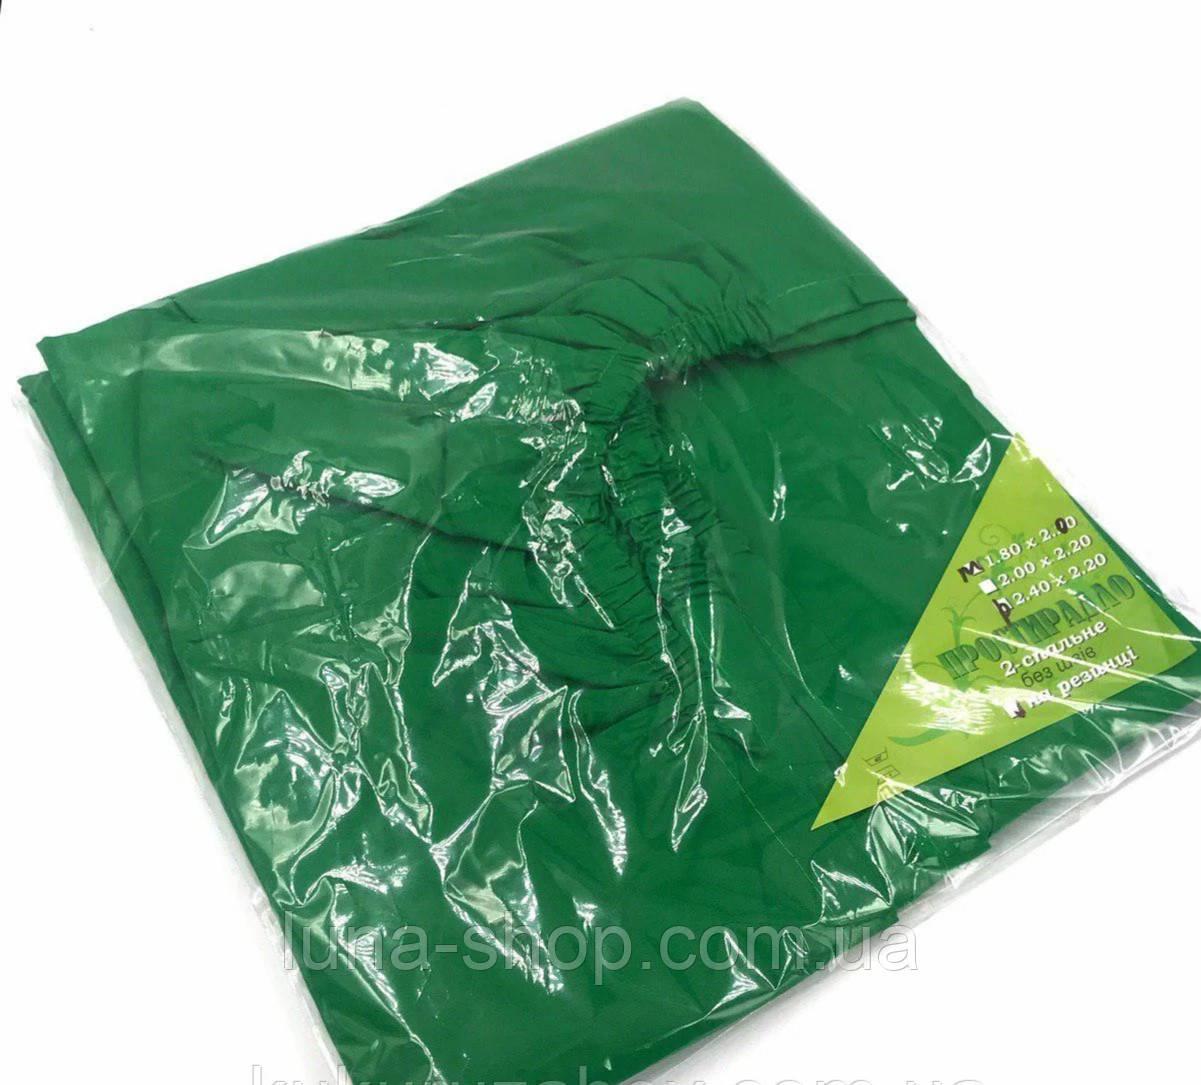 Простынь на резинке зеленая из бязи, любые размеры, с наволочками и без